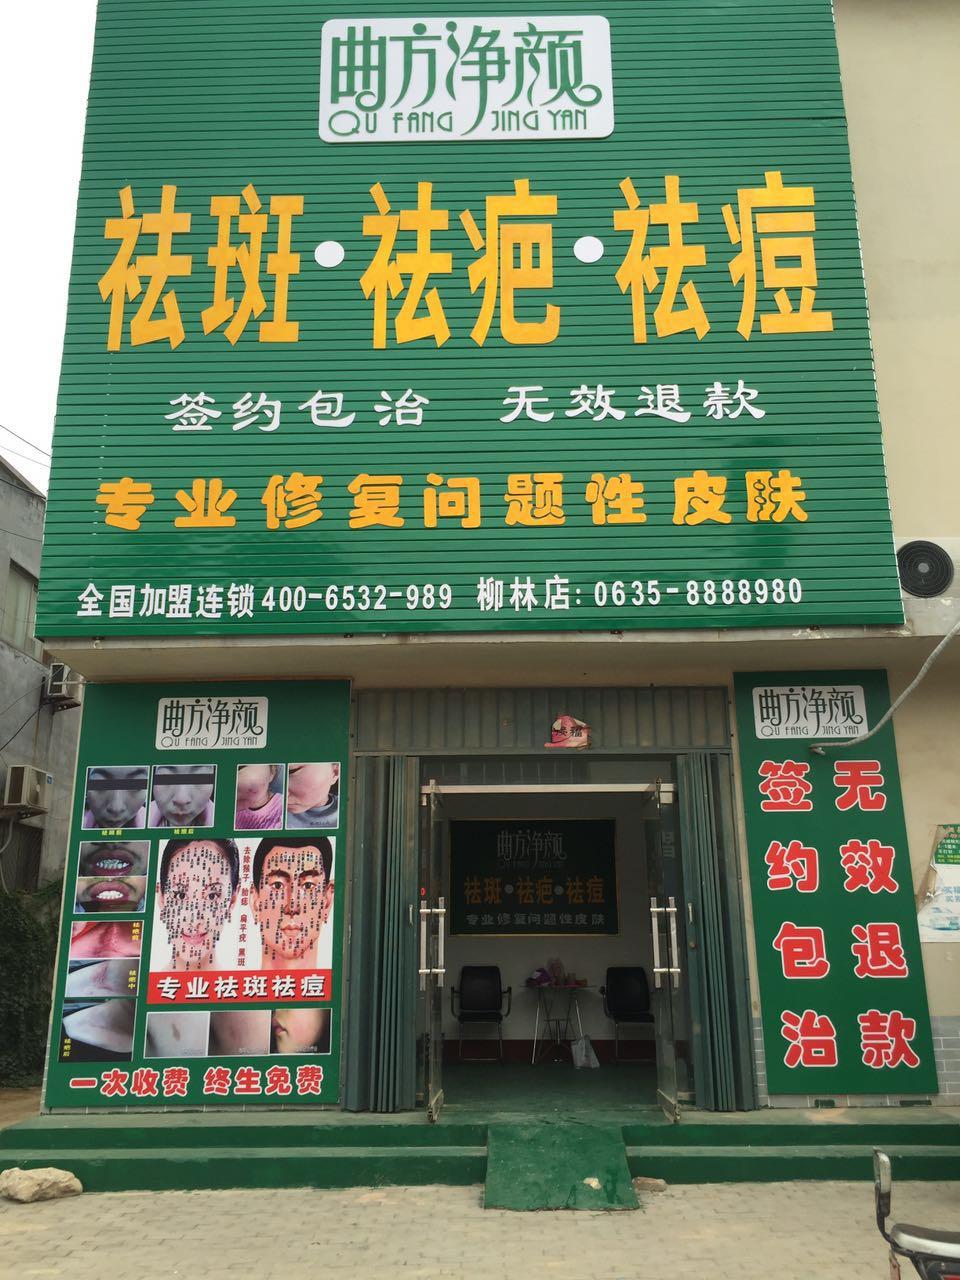 山东冠县柳林店